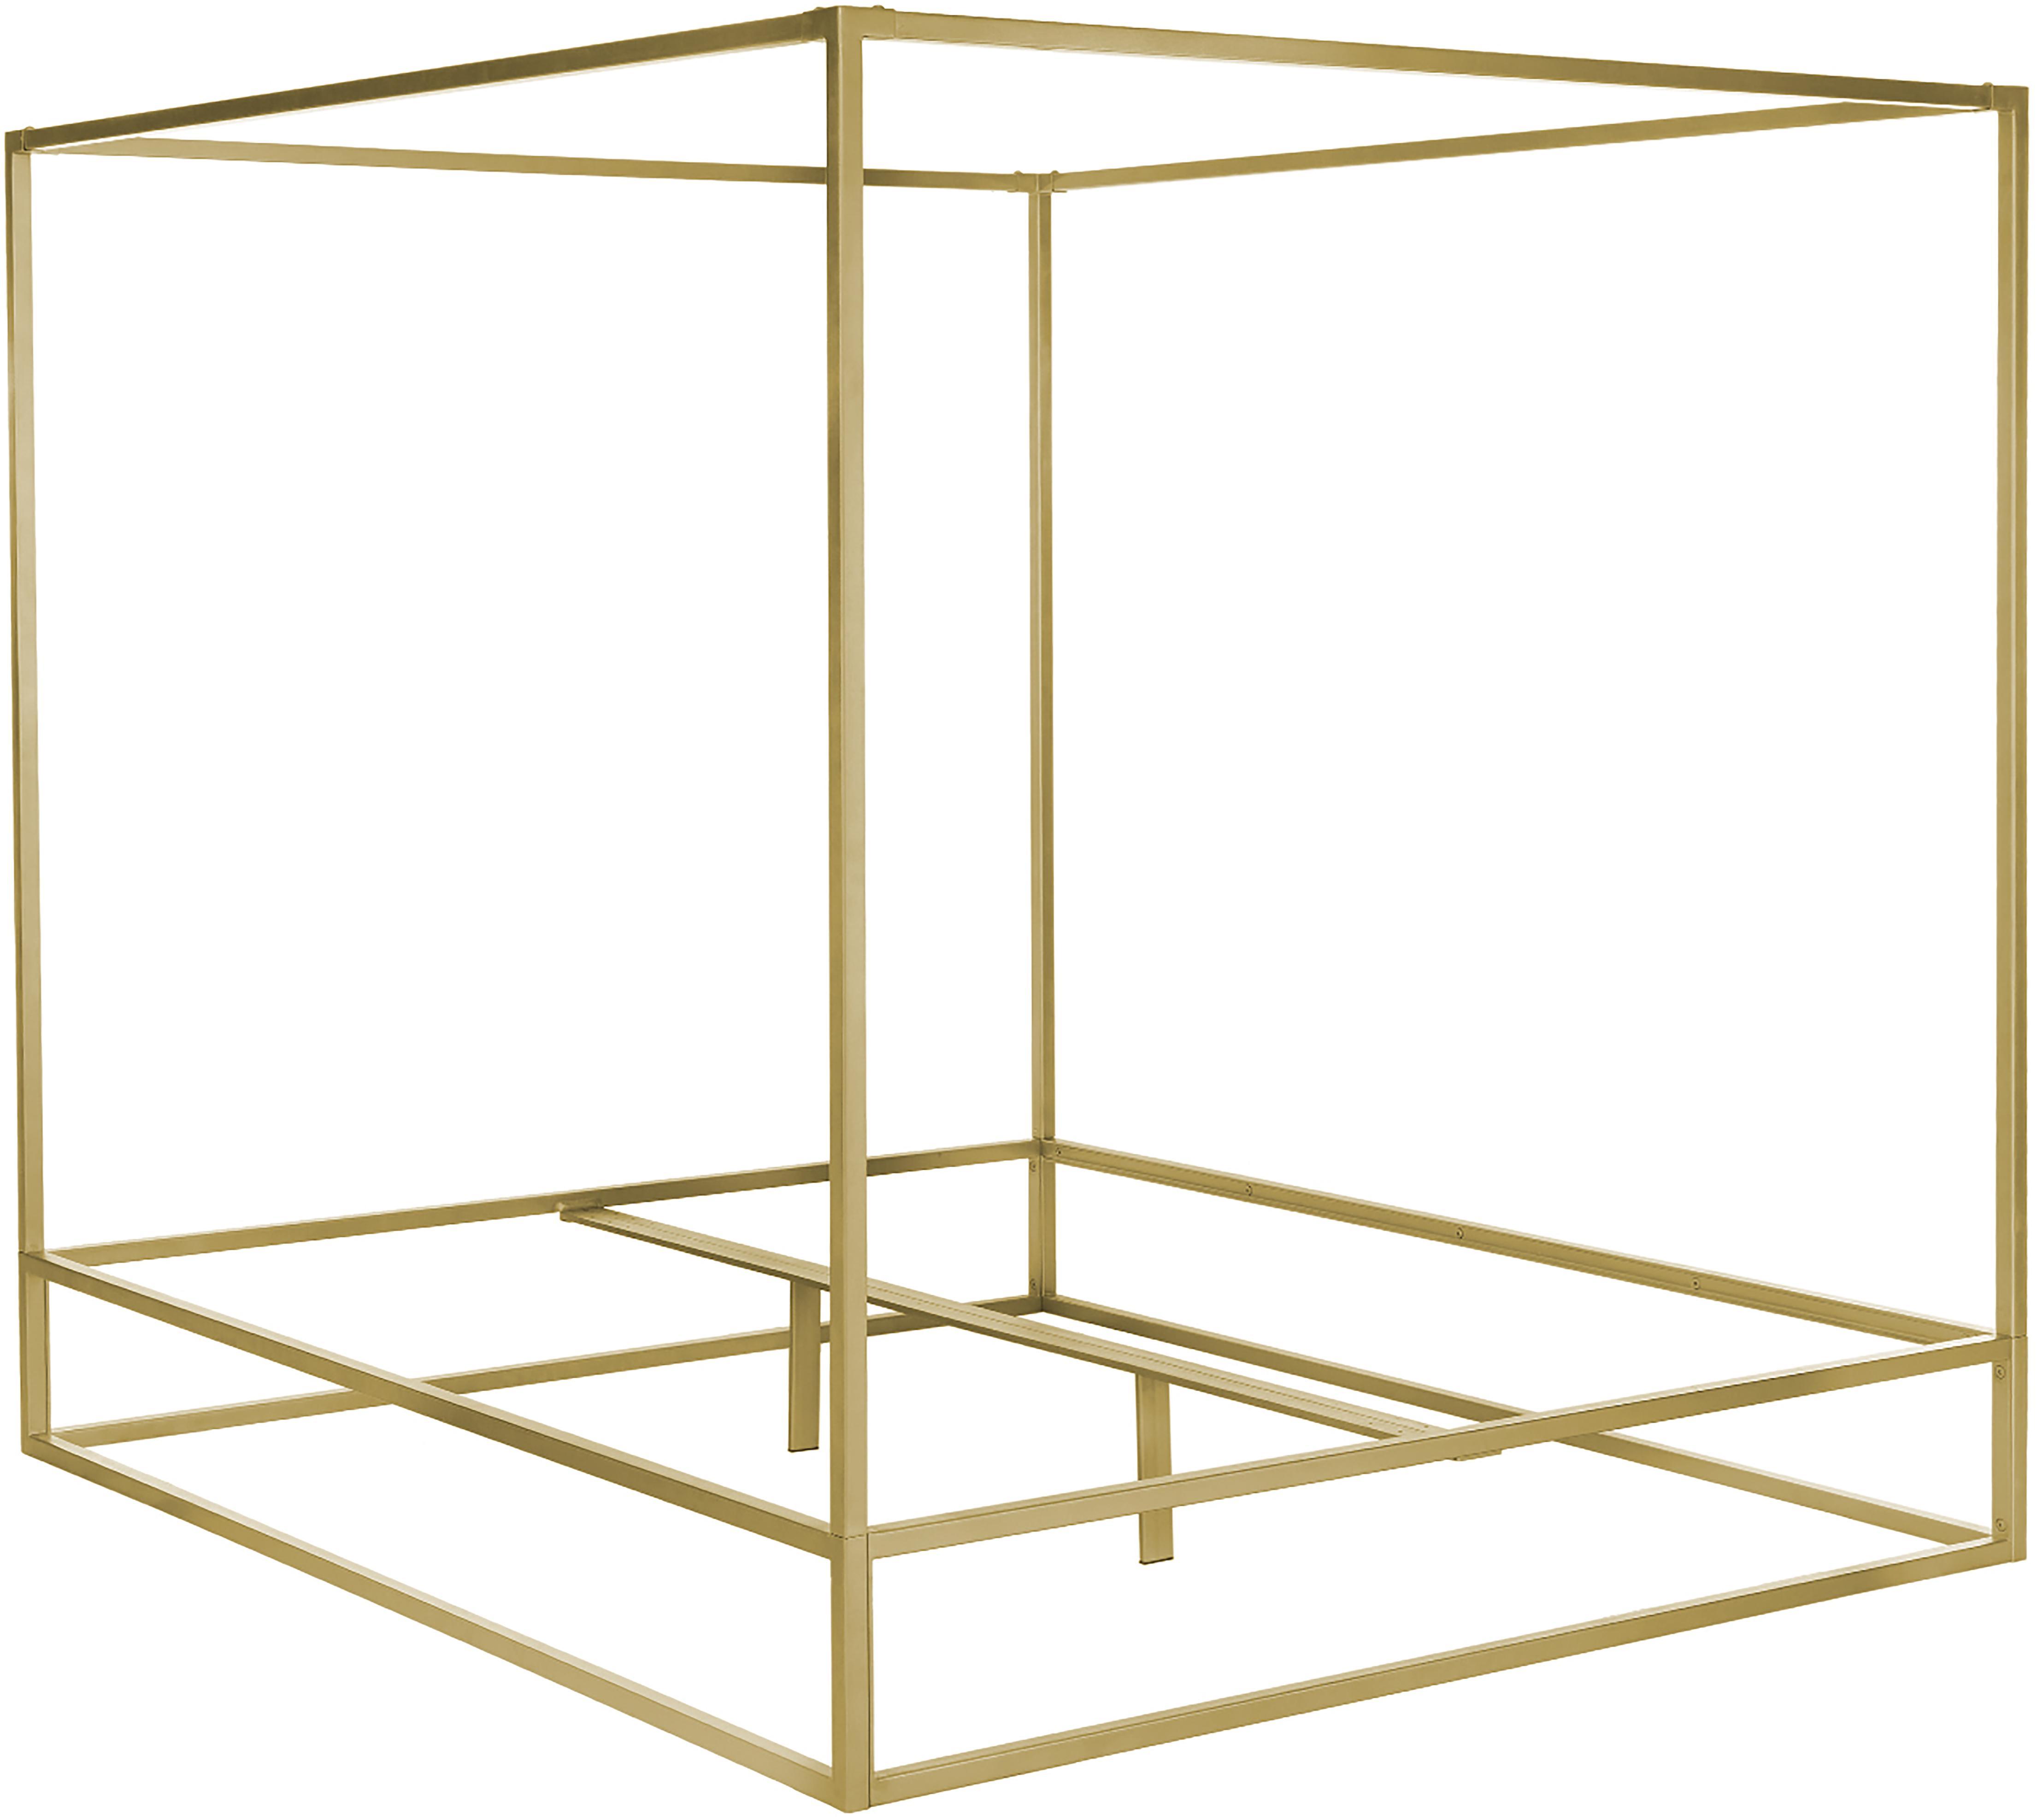 Himmelbett Belle, Metall, vermessingt, Goldfarben, matt, 160 x 200 cm